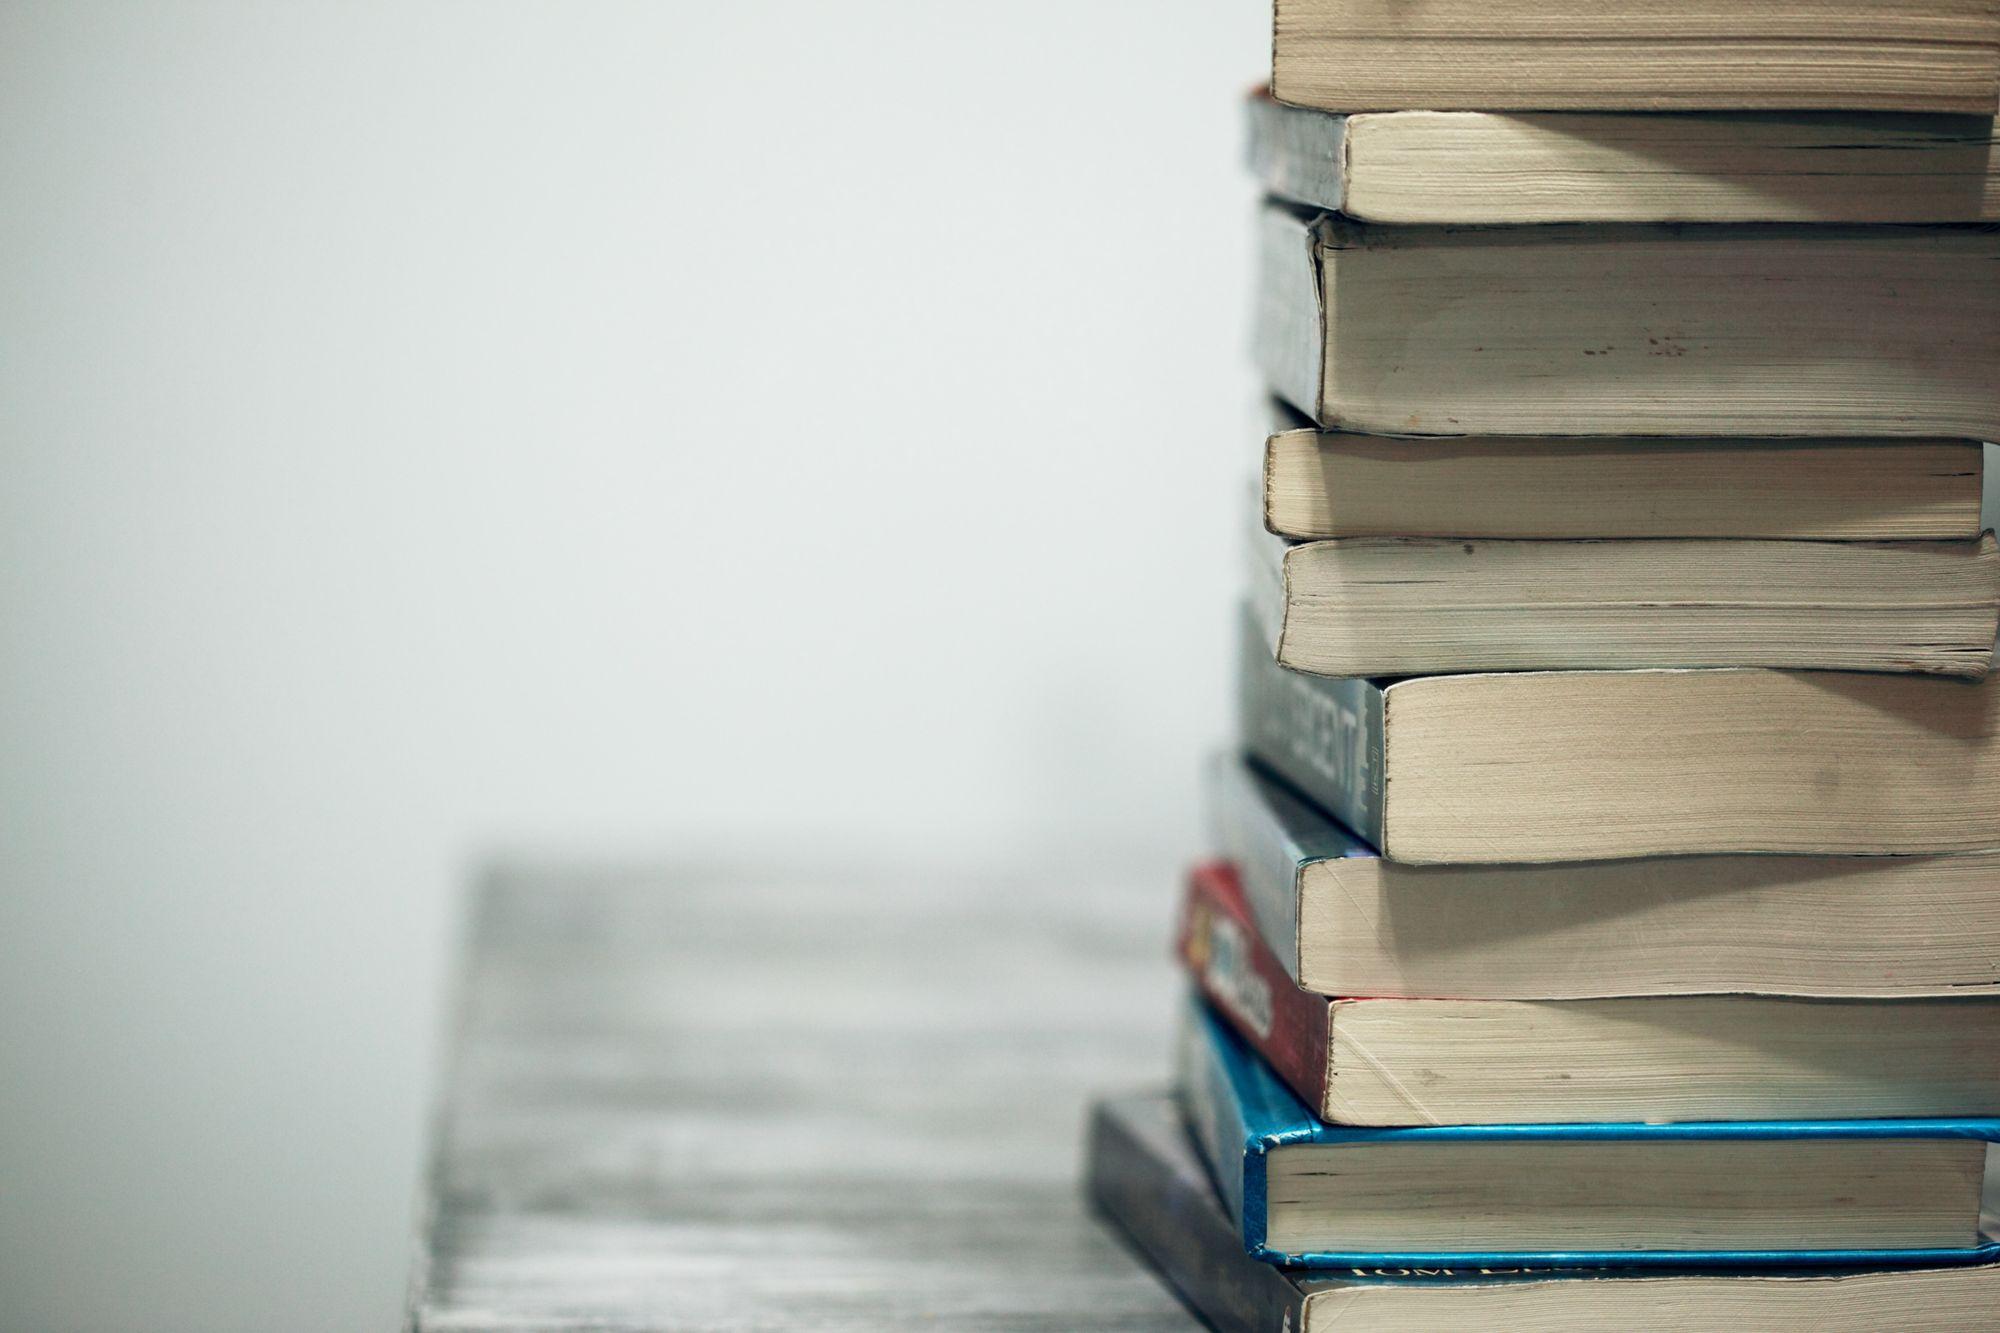 GRE Psychology study books